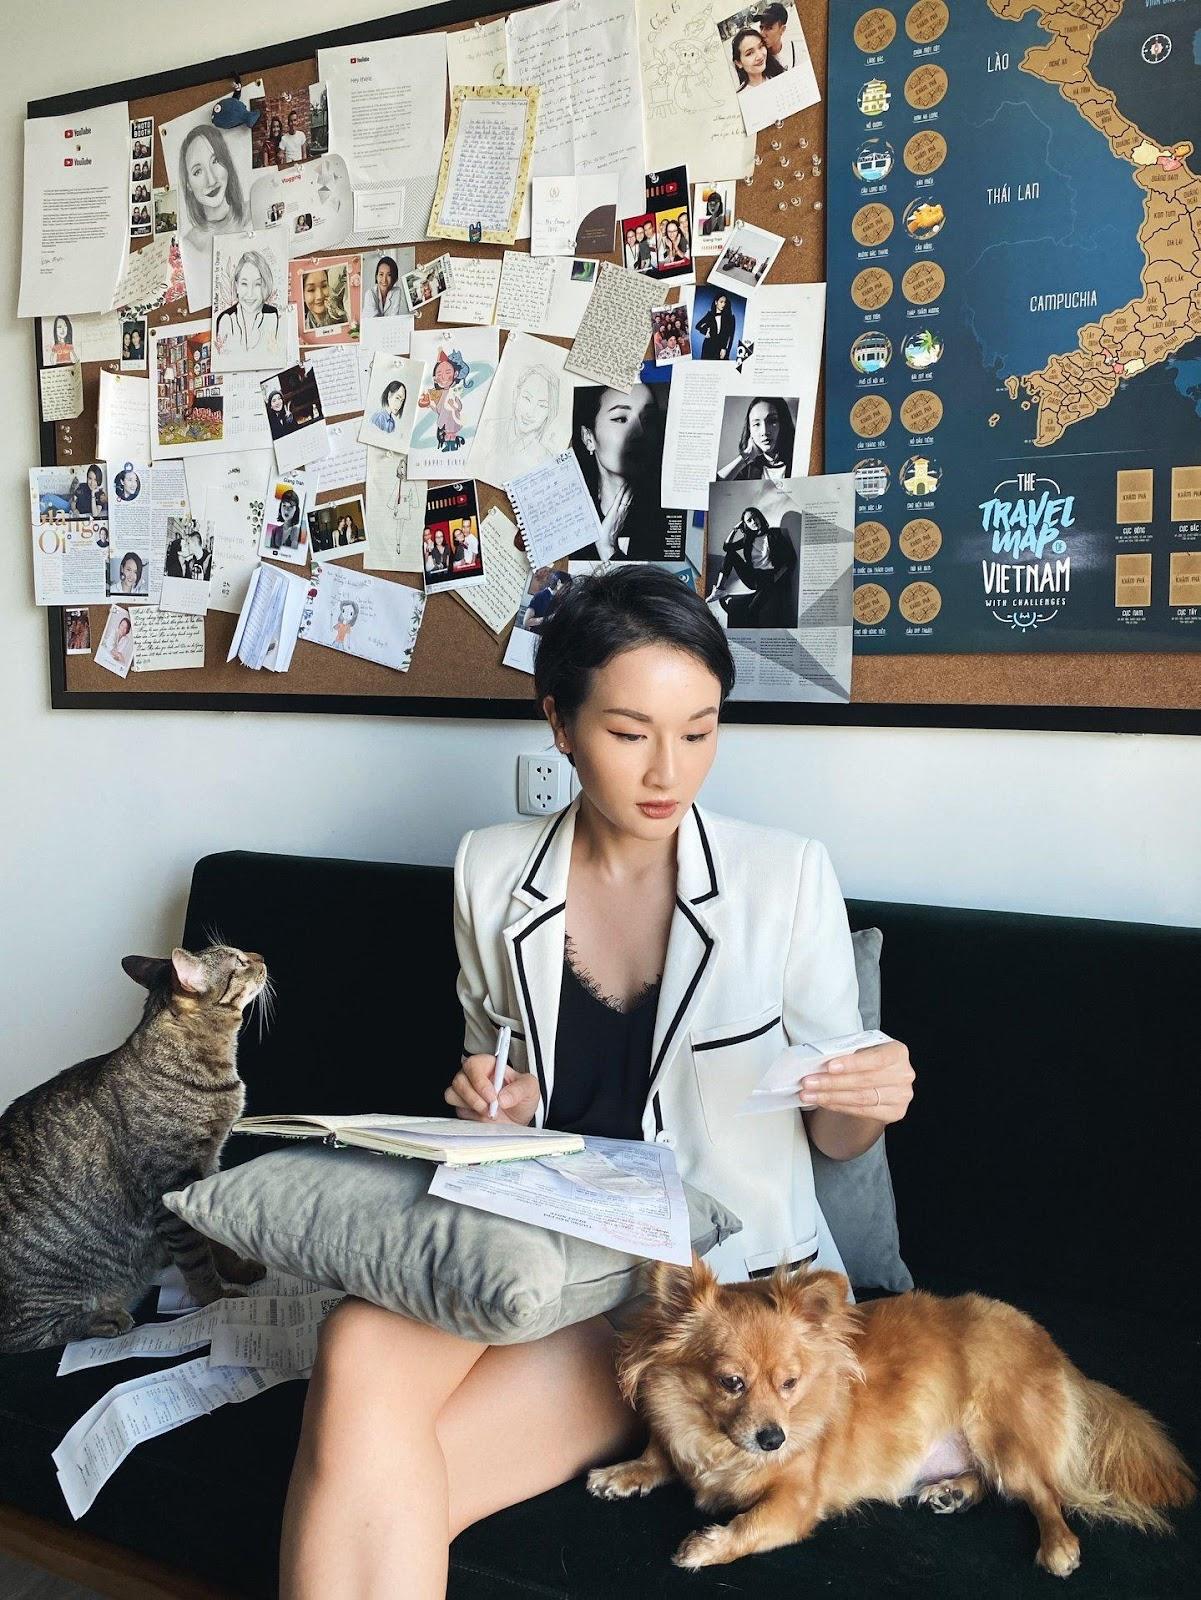 Đây là 3 điều Giang Ơi học được khi nuôi chó mèo: Trách nhiệm sống, thái độ  sống và trân trọng những gì mình đang có